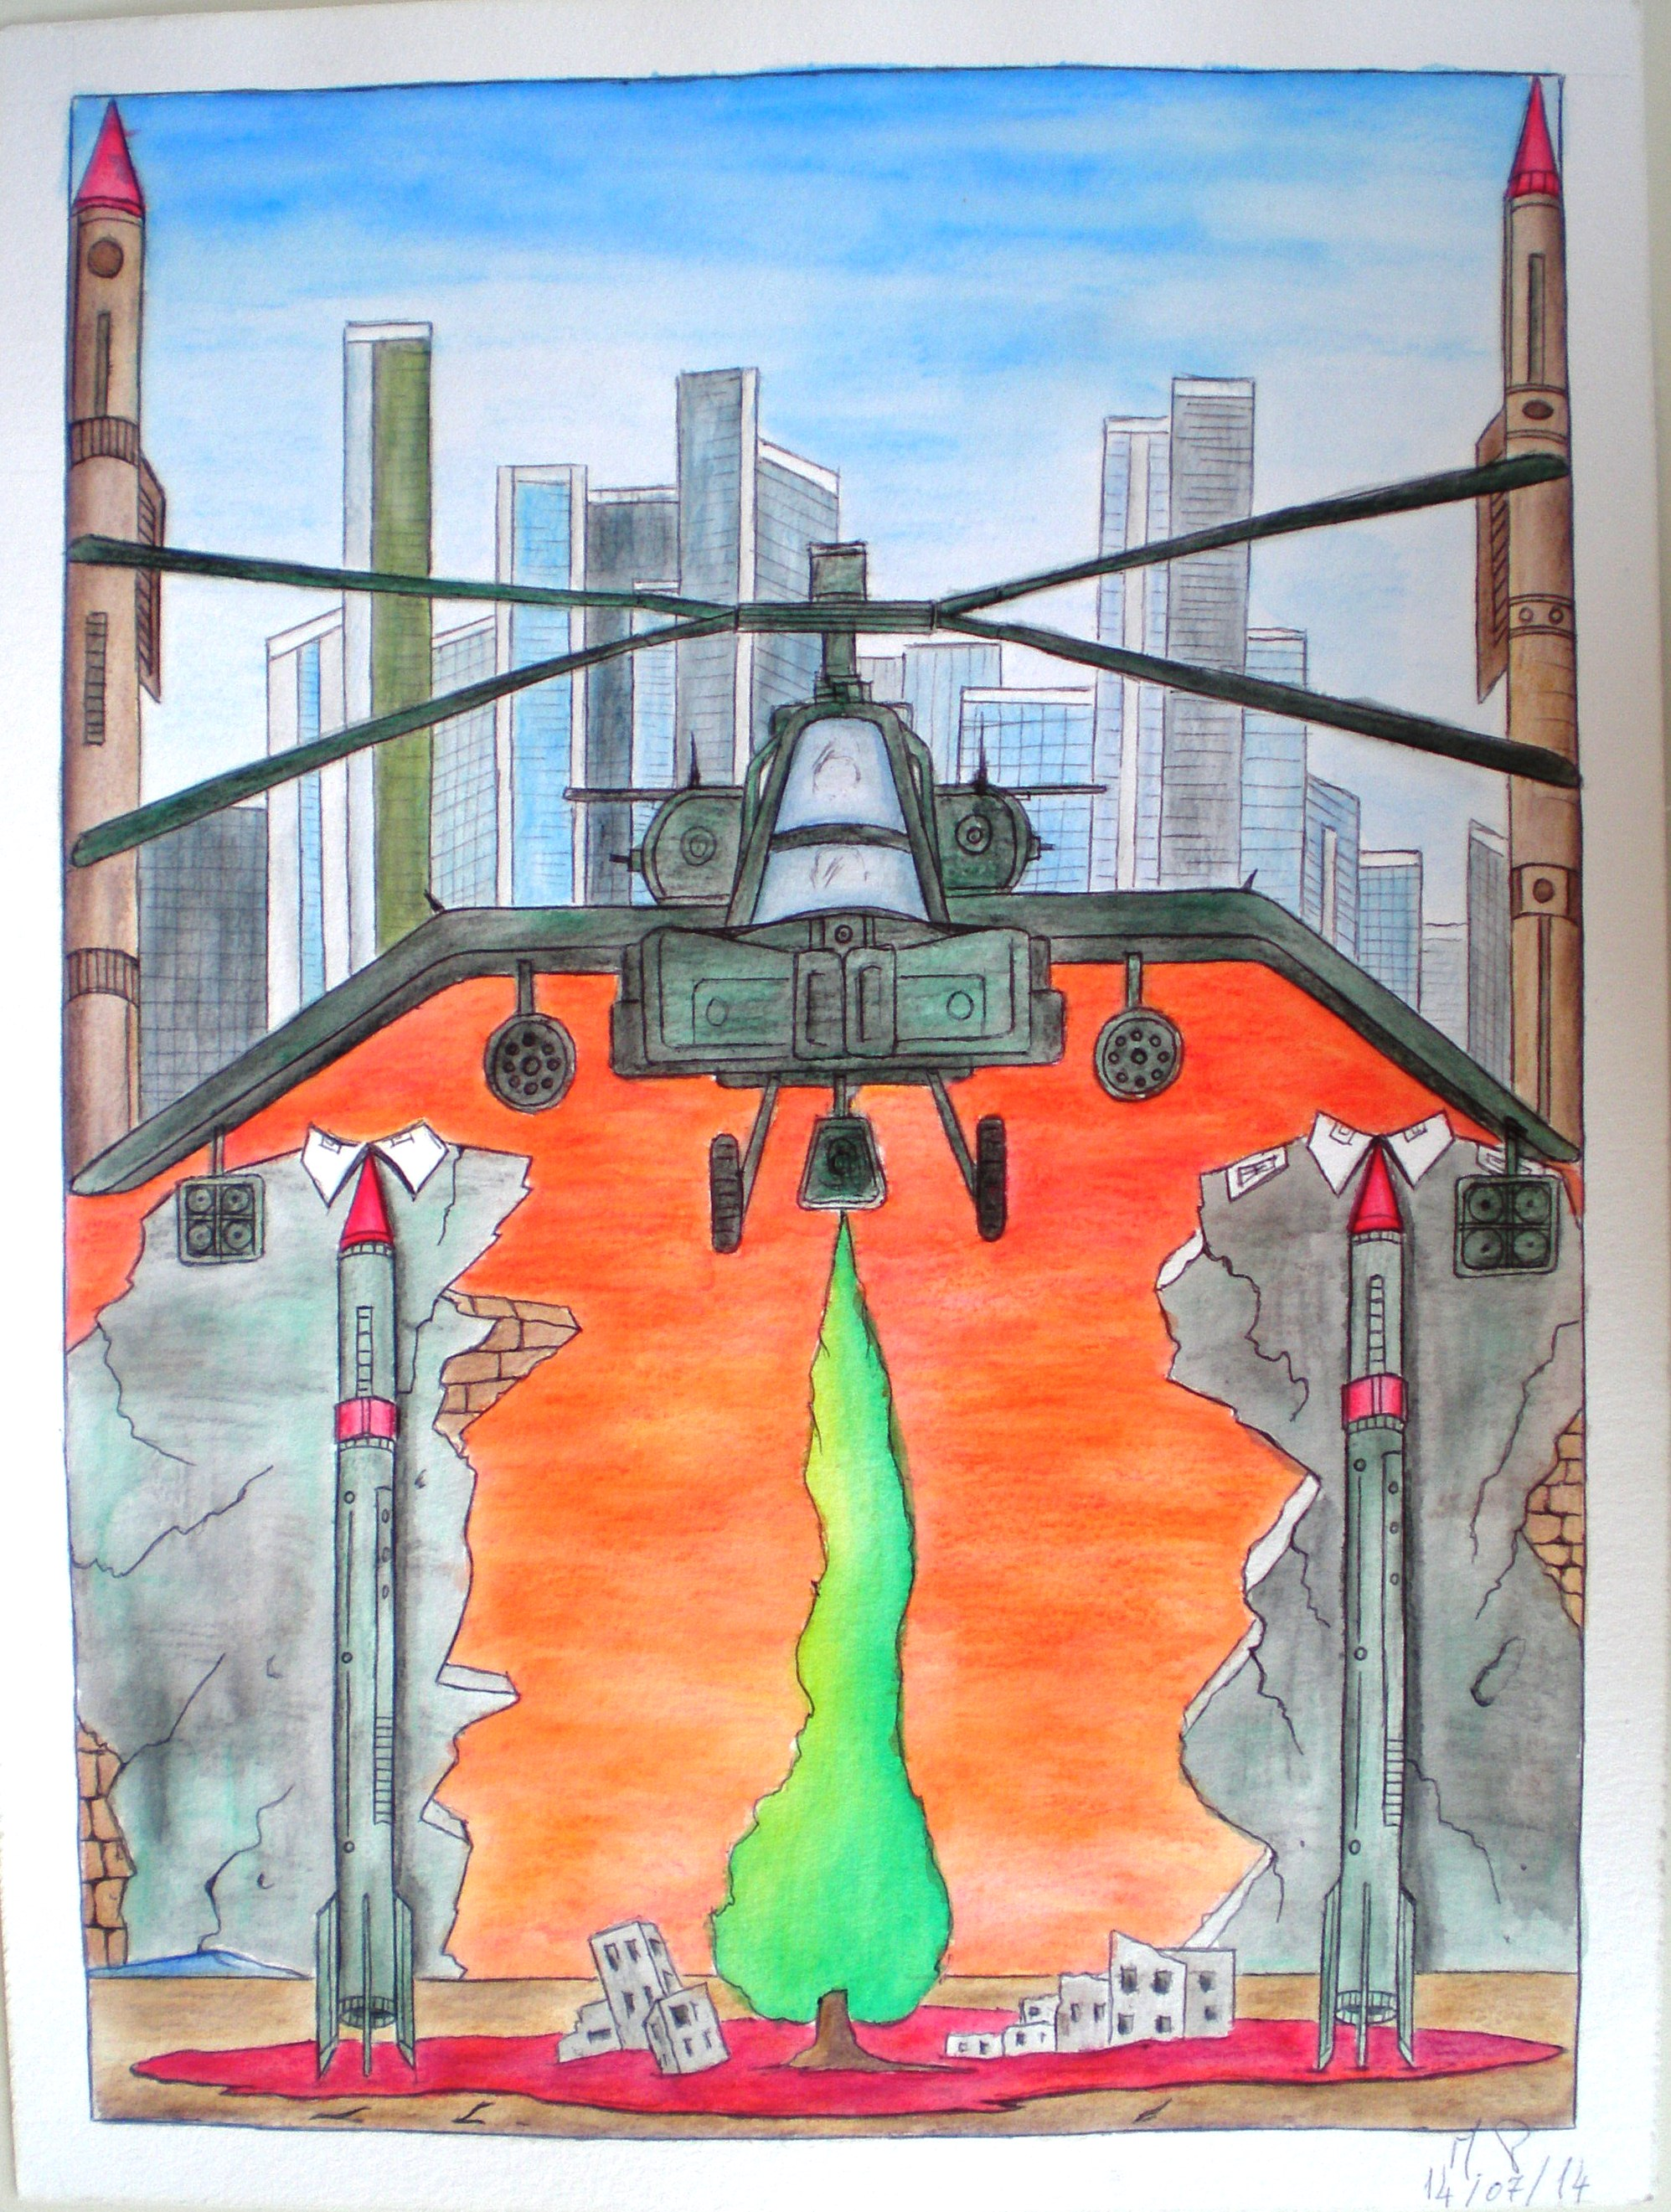 Sovrapposizione di civiltà (superposition of civilization), 2014 disegno a penna e acquerello (drawing in pen and watercolor) cm 30x40, Pasquale Mastrogiacomo, Acerno (SA).